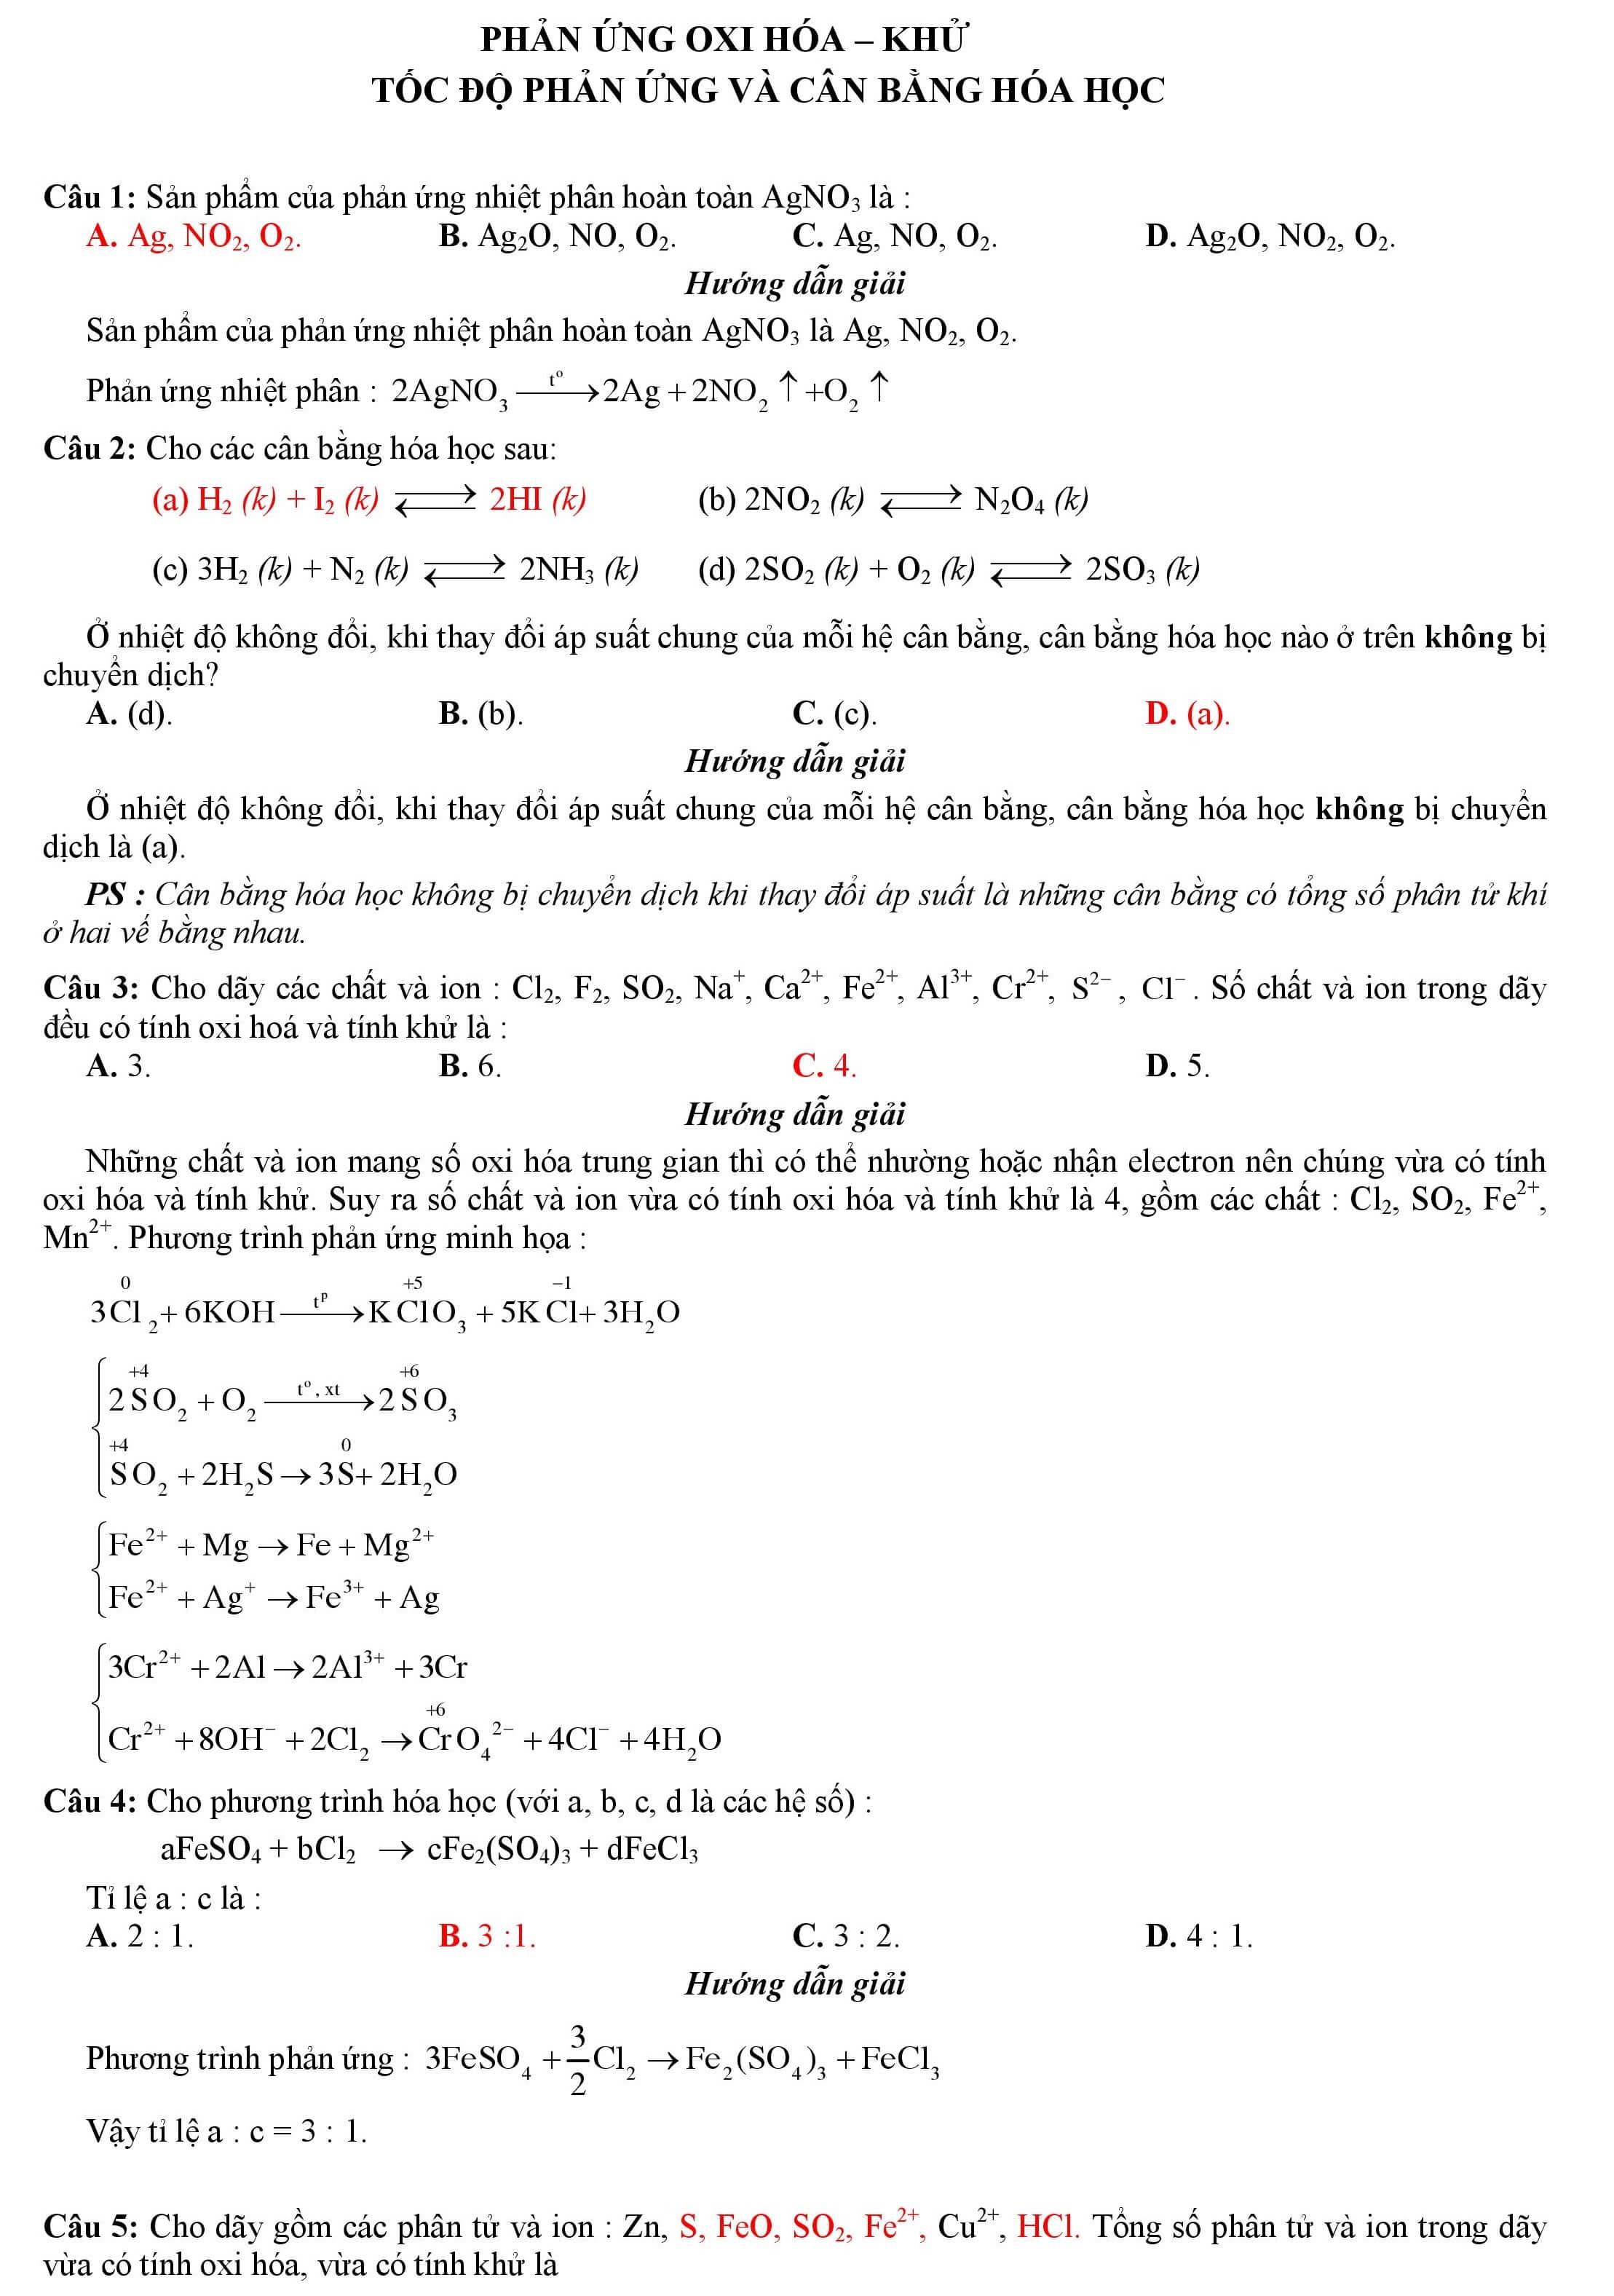 Tốc độ phản ứng và cân bằng hóa học (1).jpg